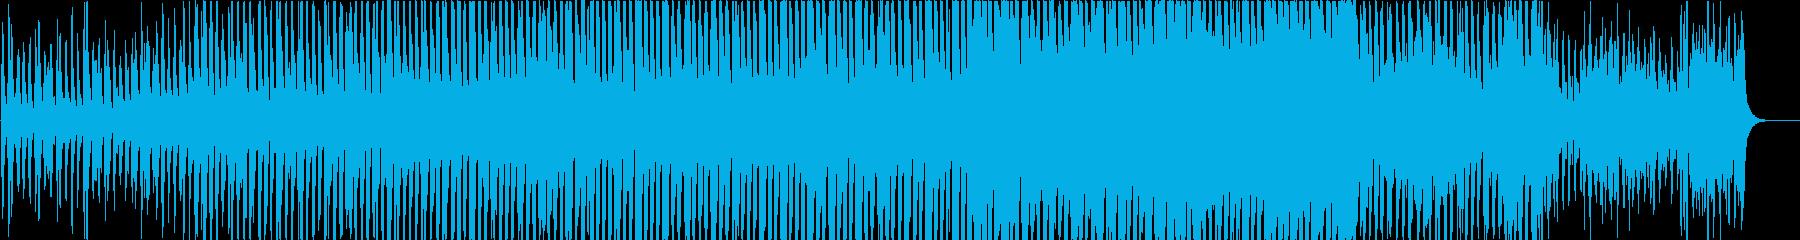 前進していく企業VP向けオーケストラの再生済みの波形